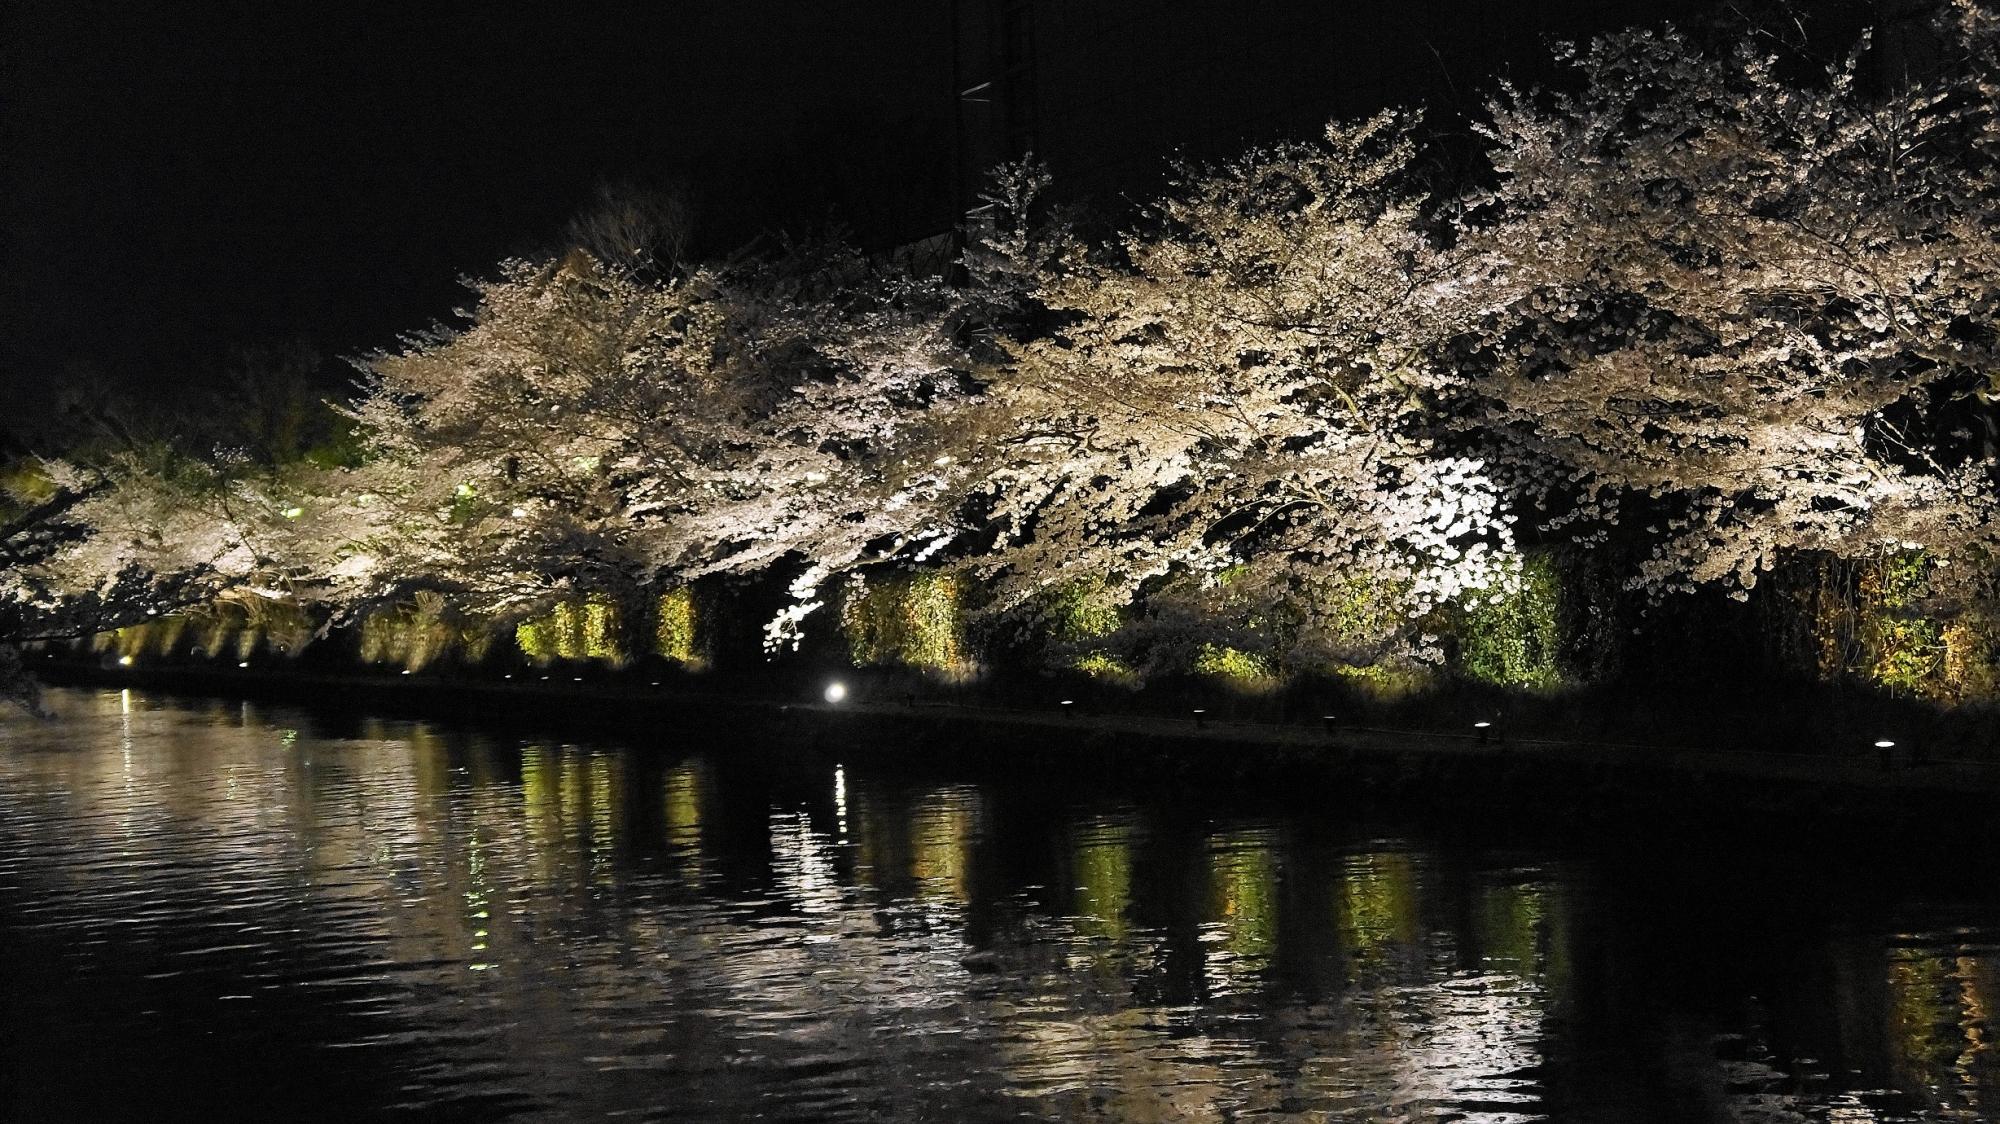 琵琶湖疏水の夜桜ライトアップ